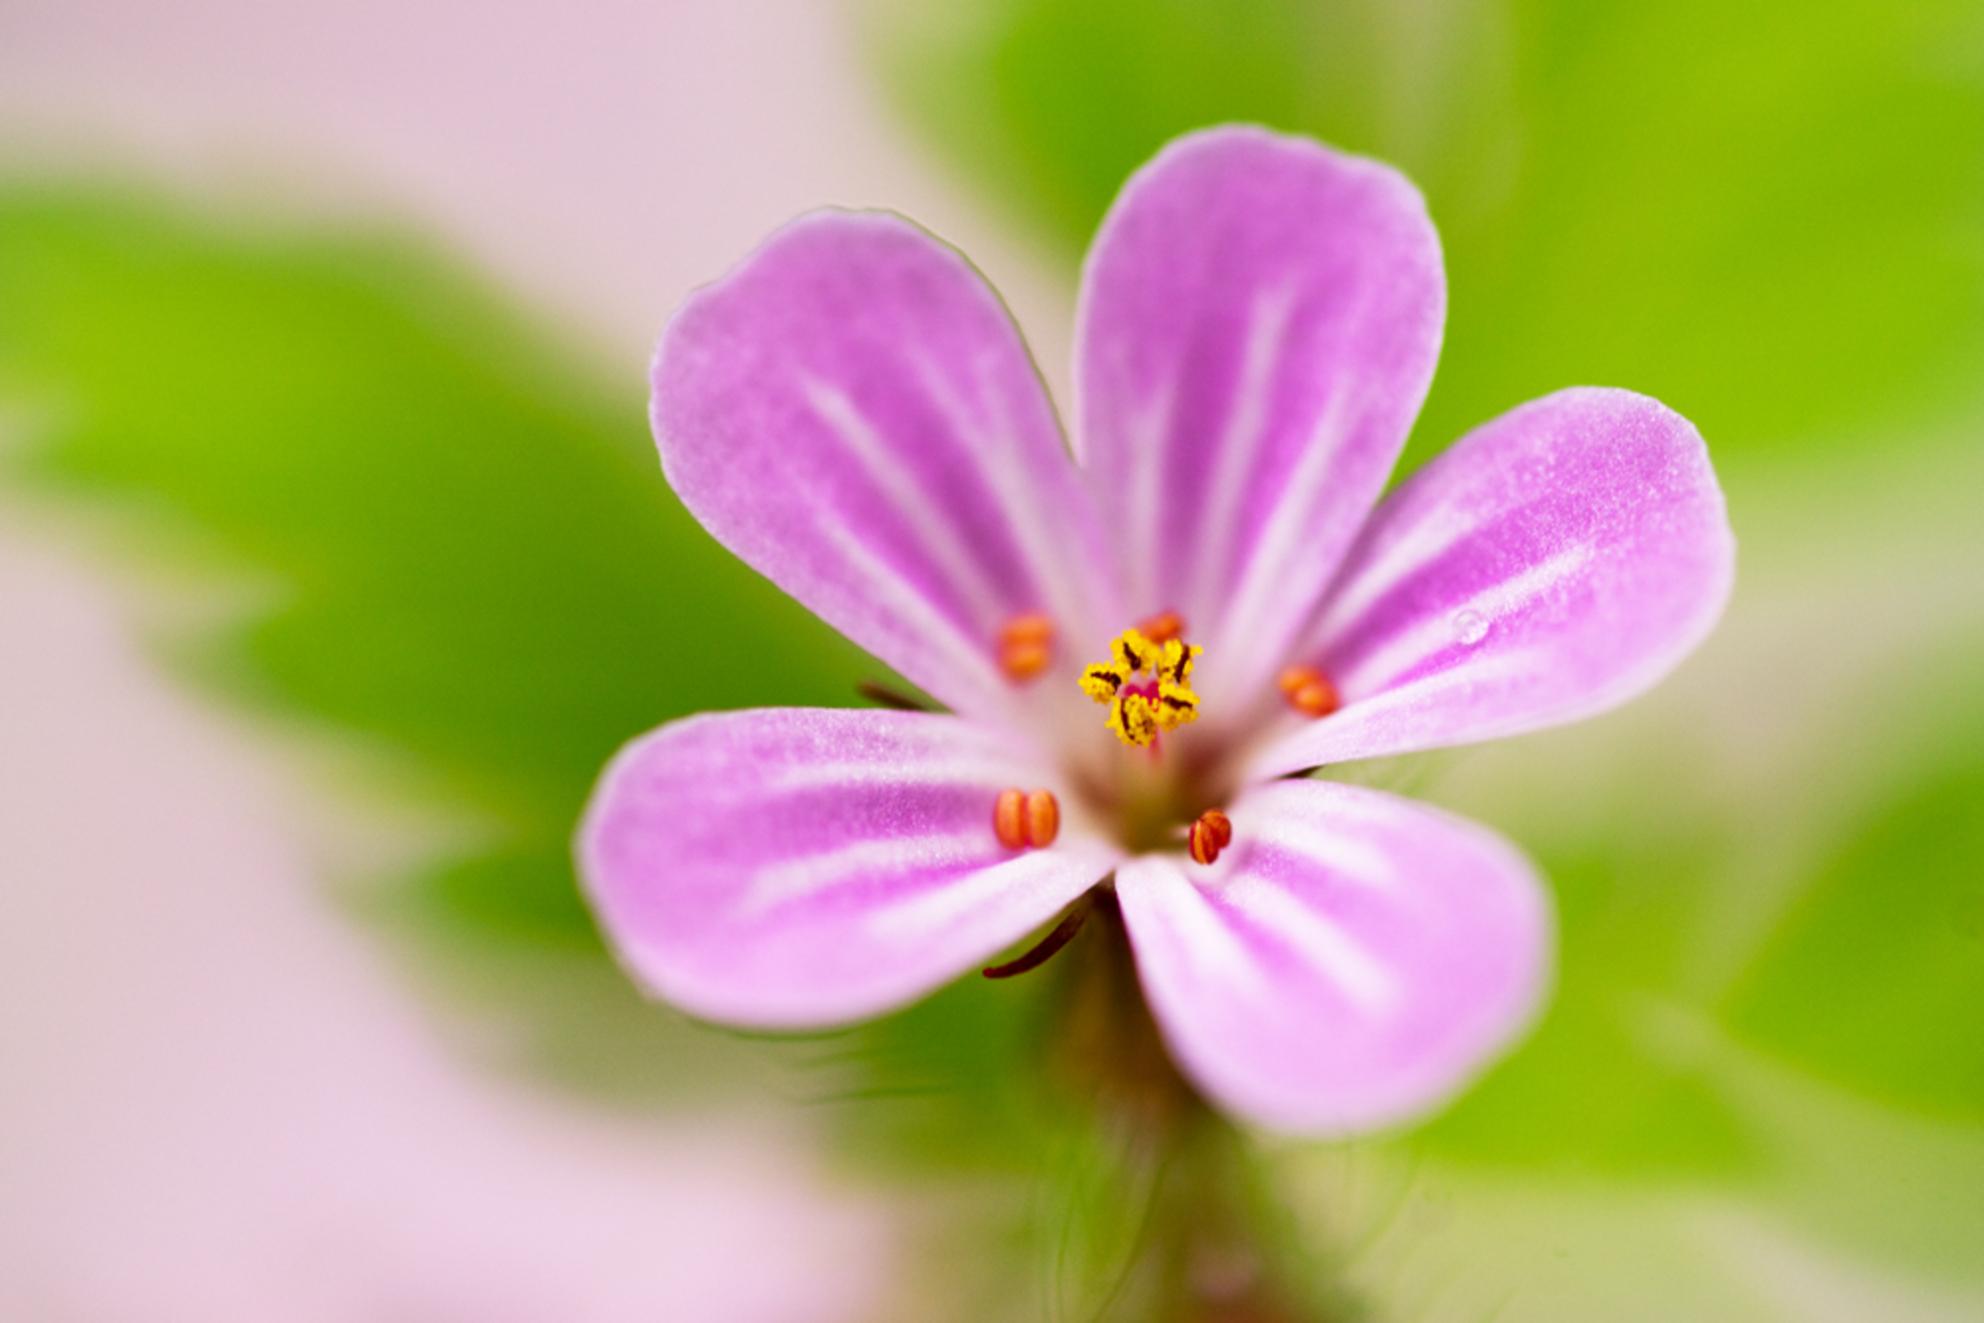 Pink Ribbon - Dit roze bloemetje is van het Robertskruid en mijn bijdrage voor de Pink Ribbongroep. - foto door JeanneW op 31-10-2016 - deze foto bevat: roze, macro, bloem - Deze foto mag gebruikt worden in een Zoom.nl publicatie